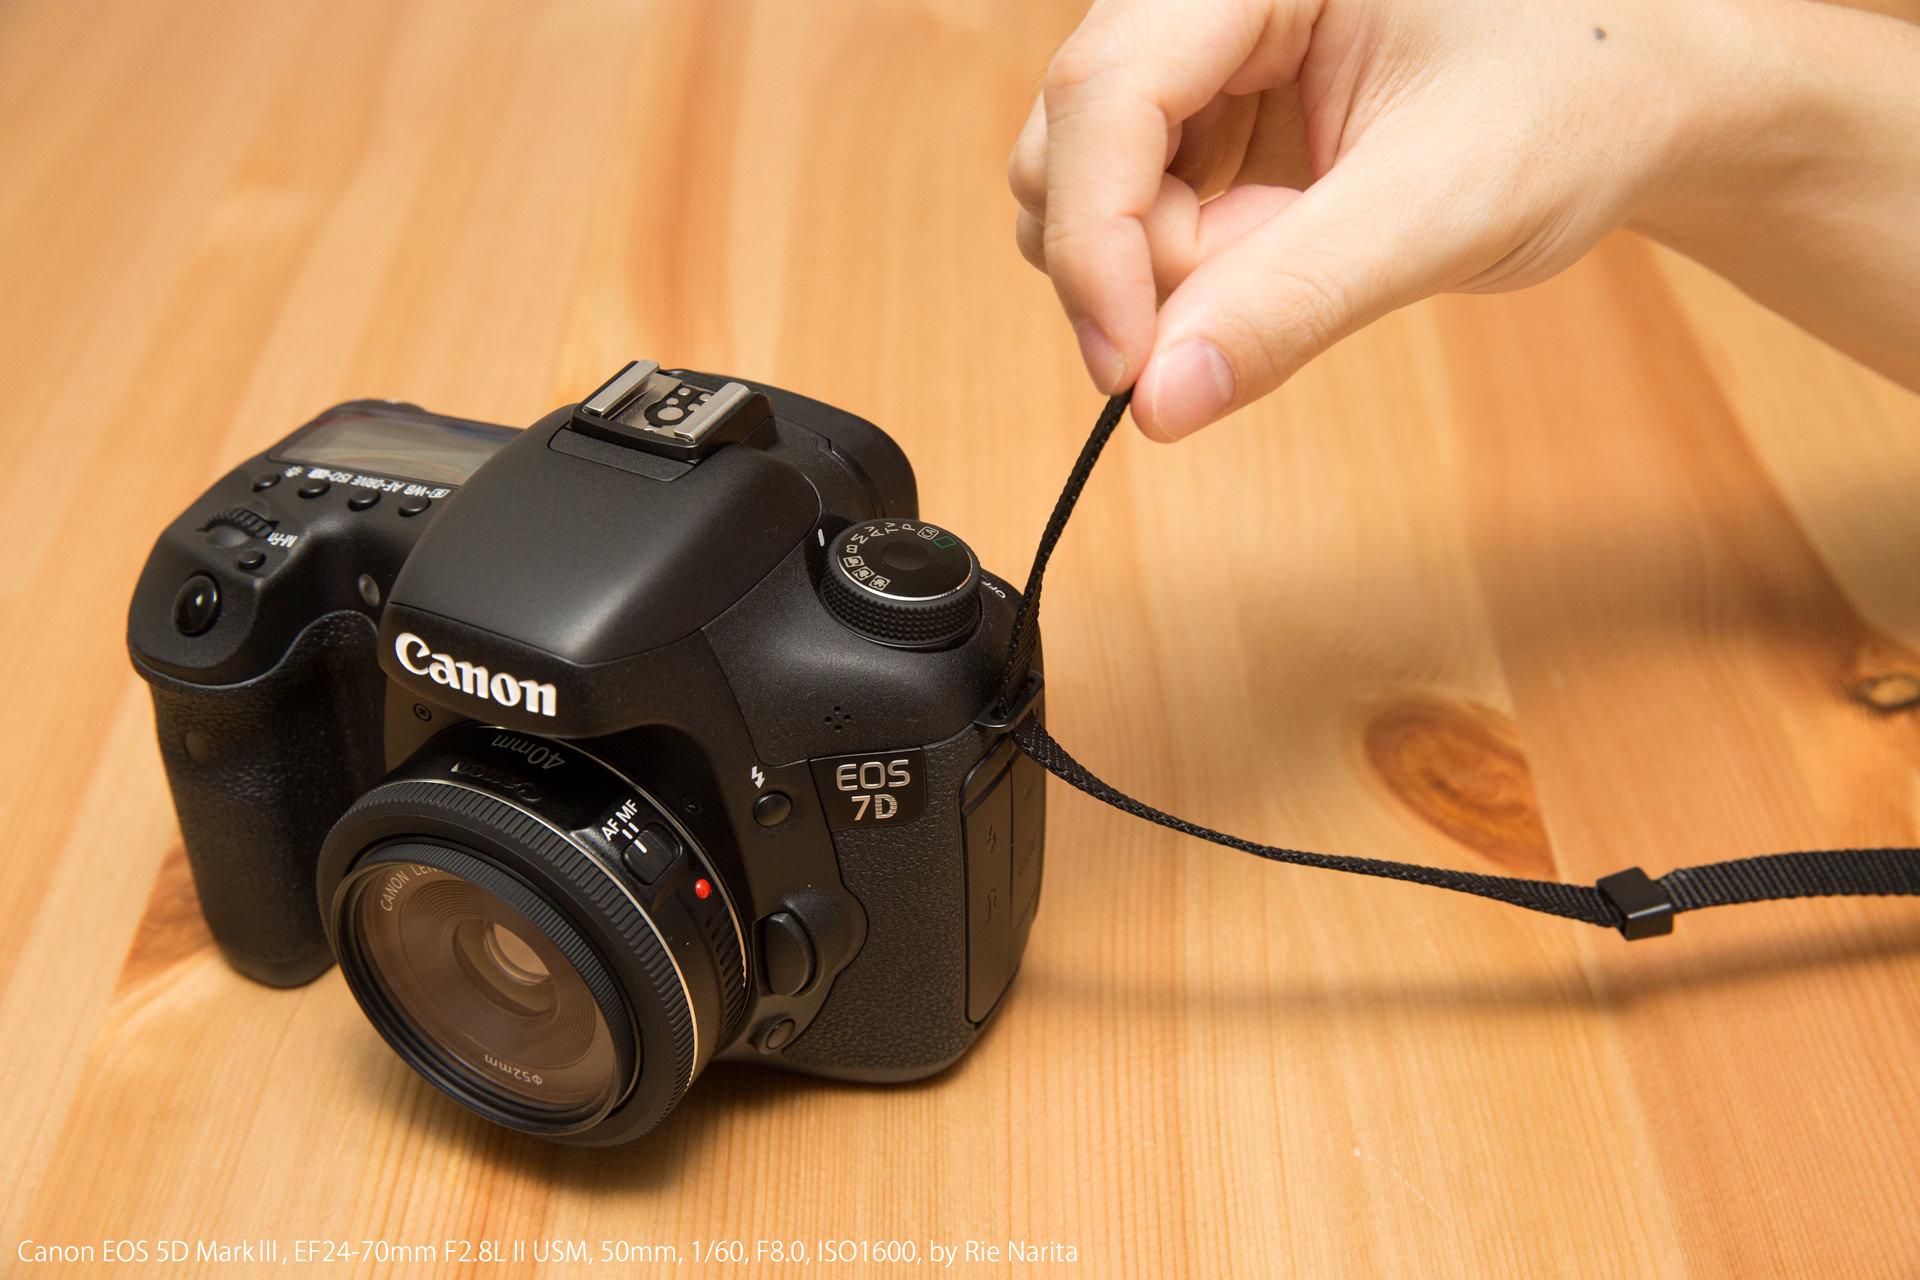 カメラのストラップ取り付け部にネックストラップを下から通しているところ